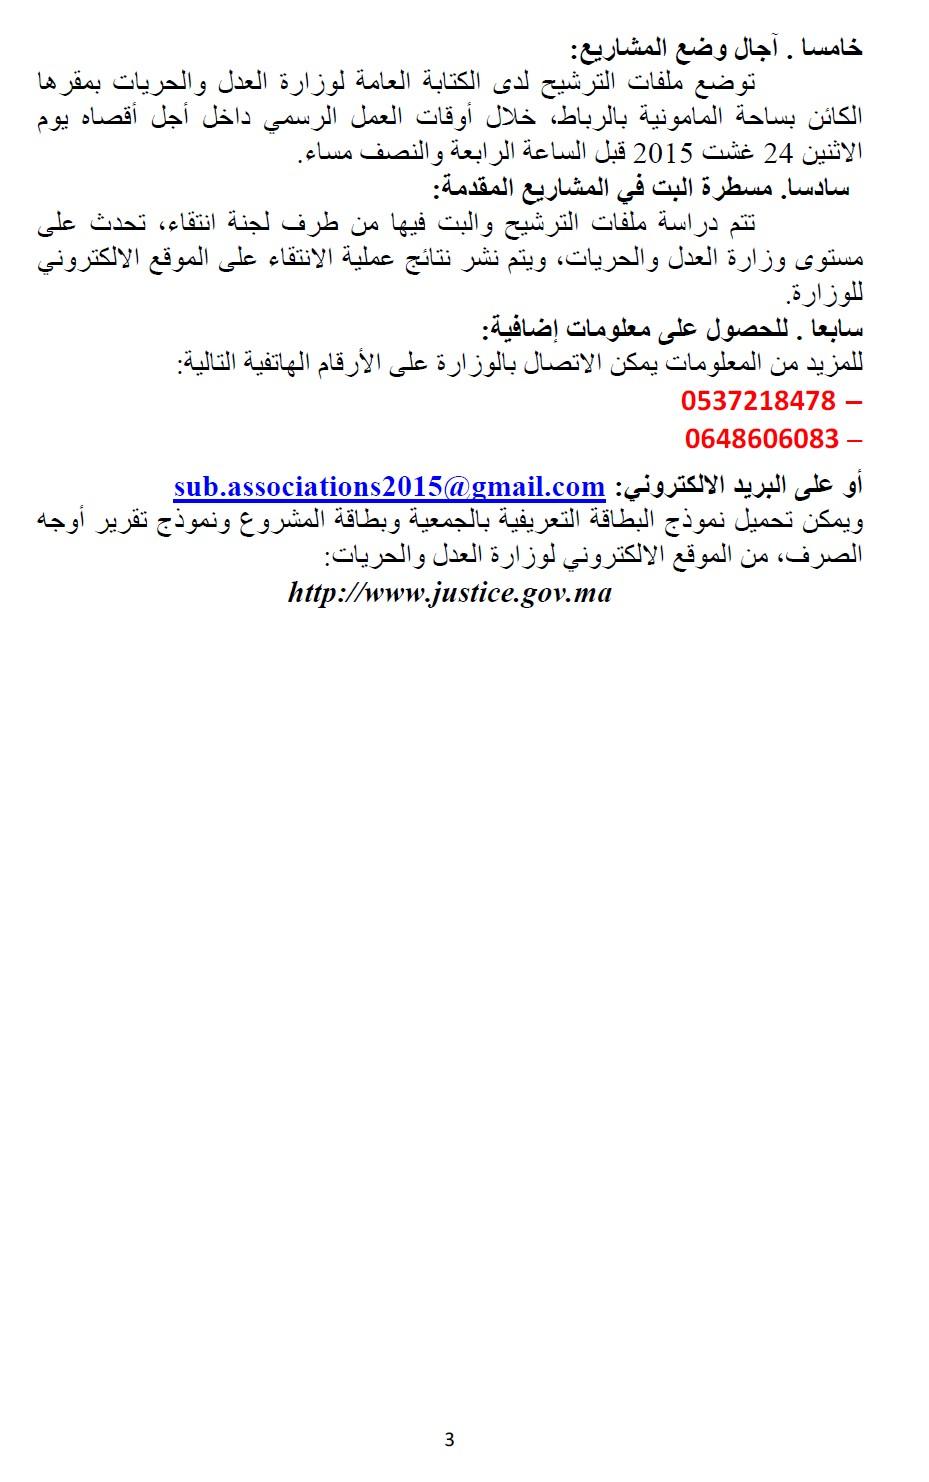 وزارة العدل والحريات: إعلان عن طلب عروض مشاريع جمعيات المجتمع المدني في مجال الحريات وحقوق الإنسان